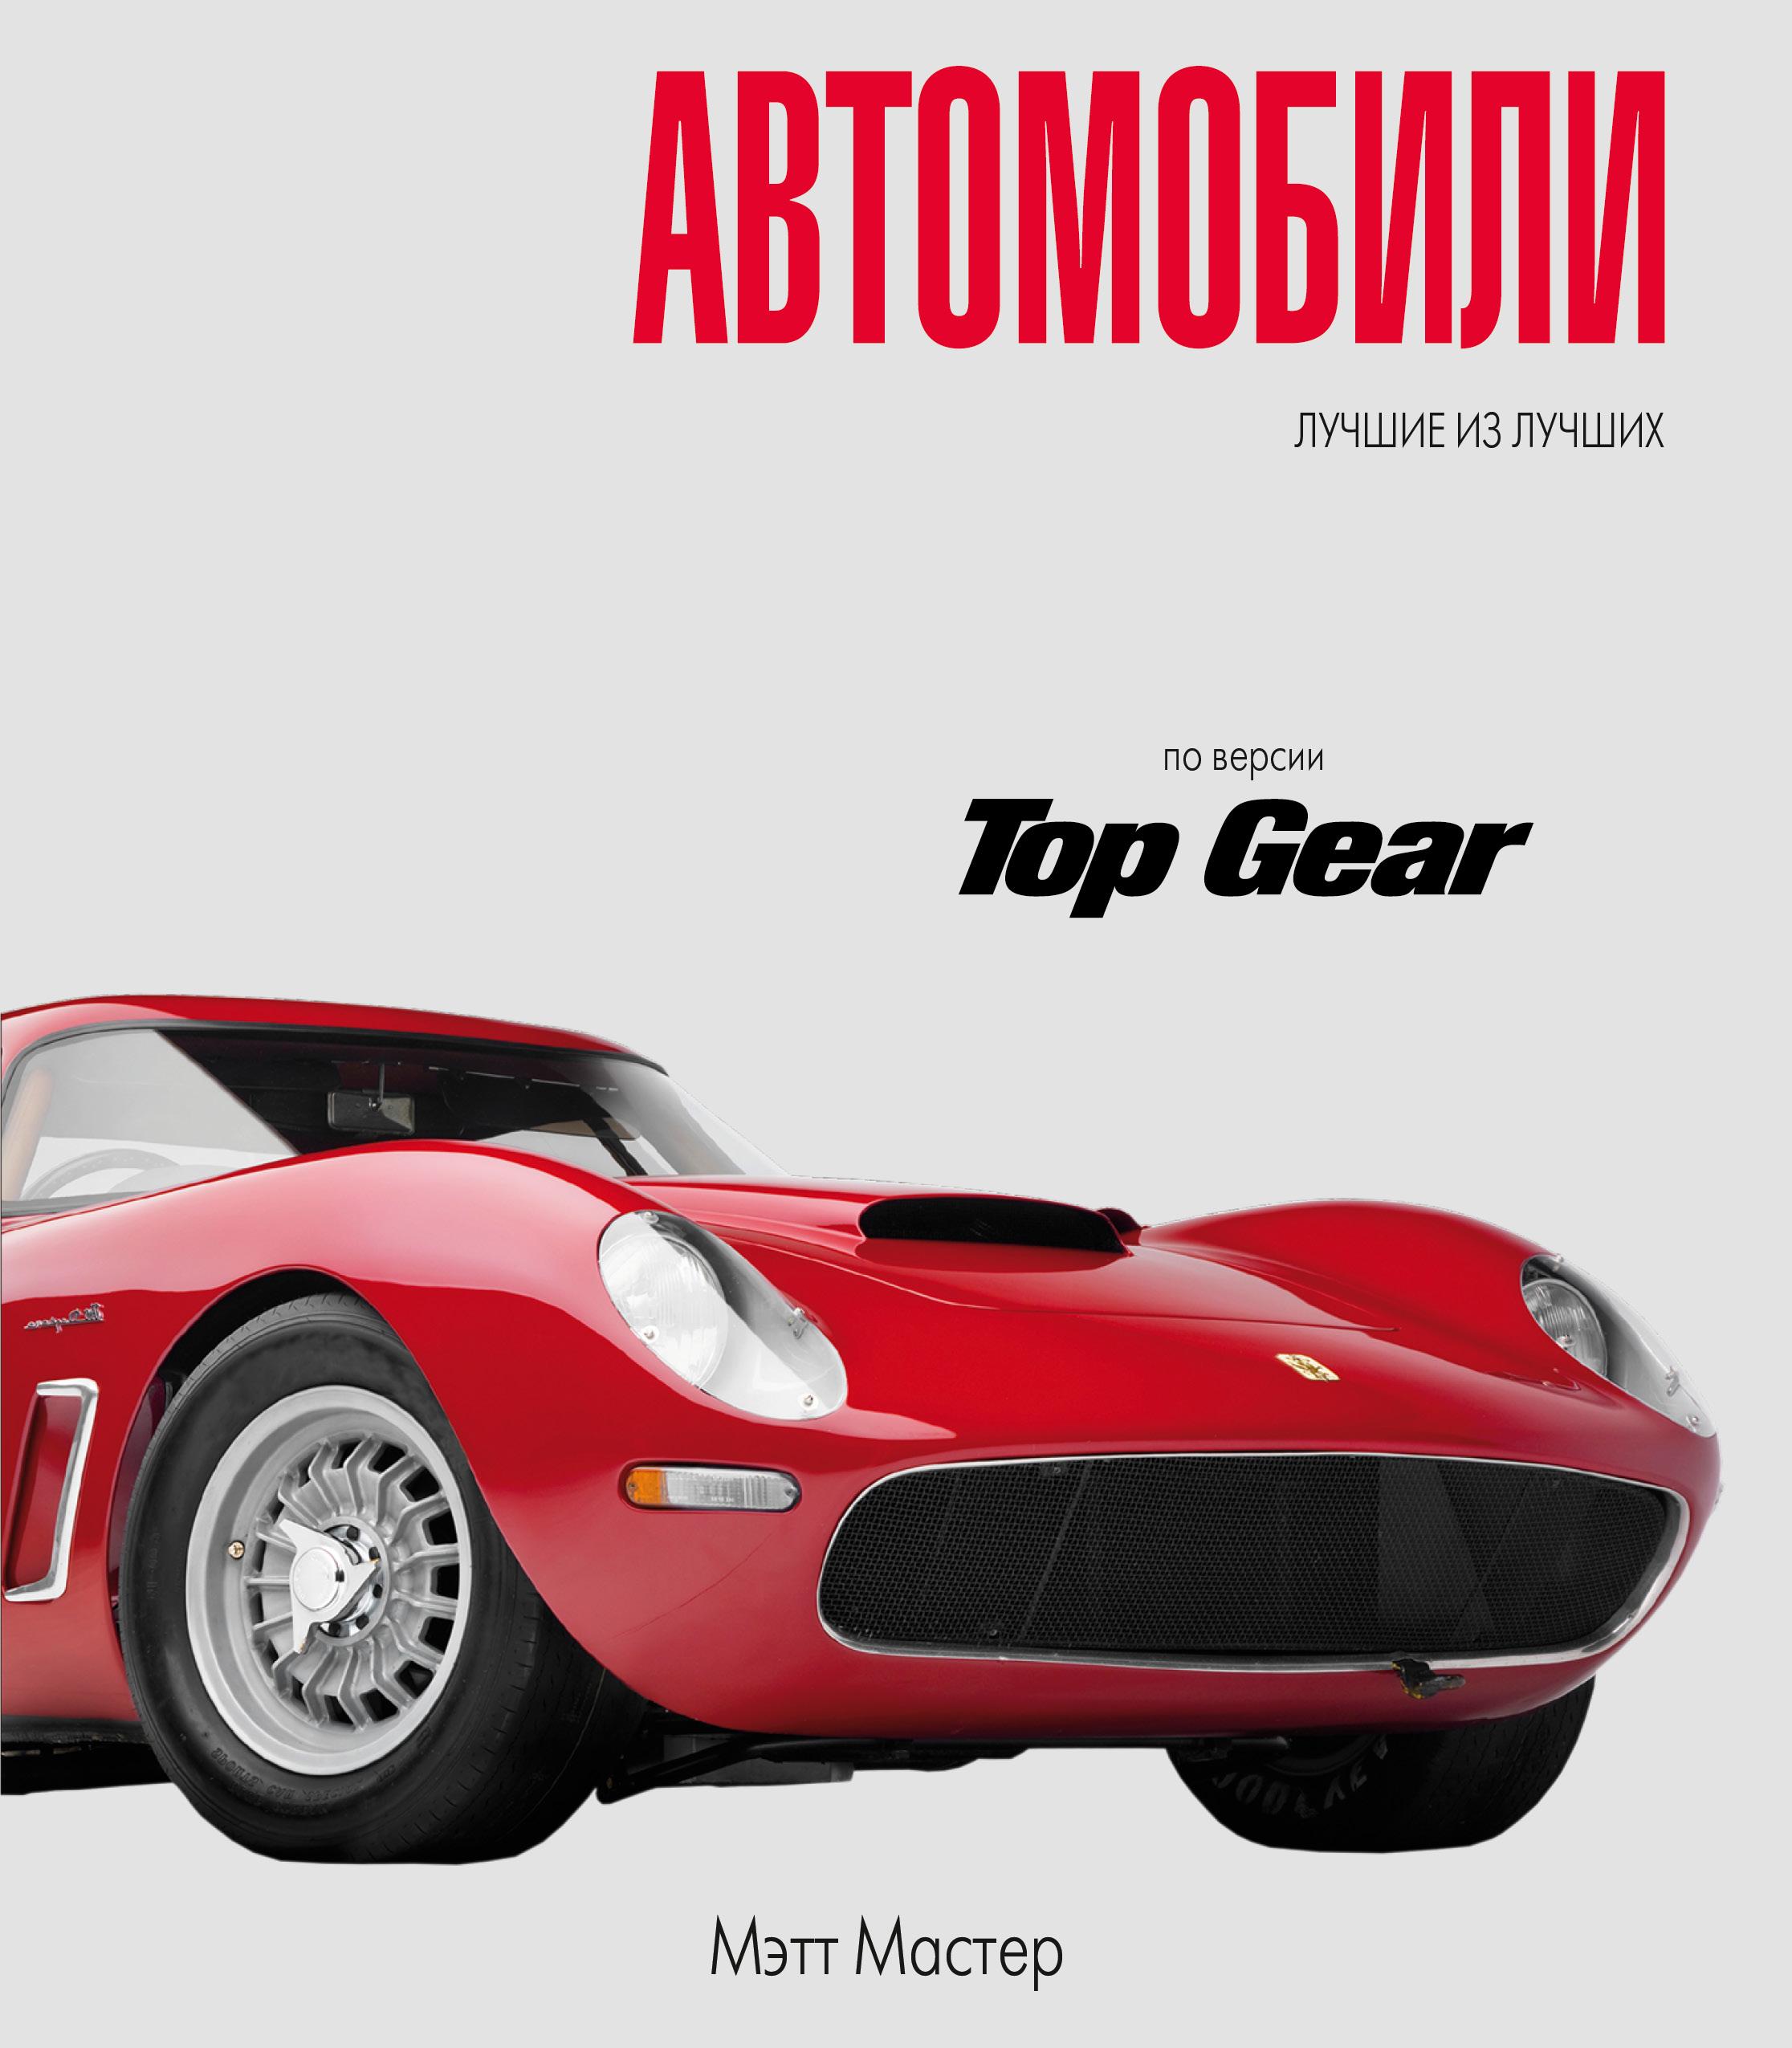 Автомобили - TopGear. Лучшие автомобили всех времен